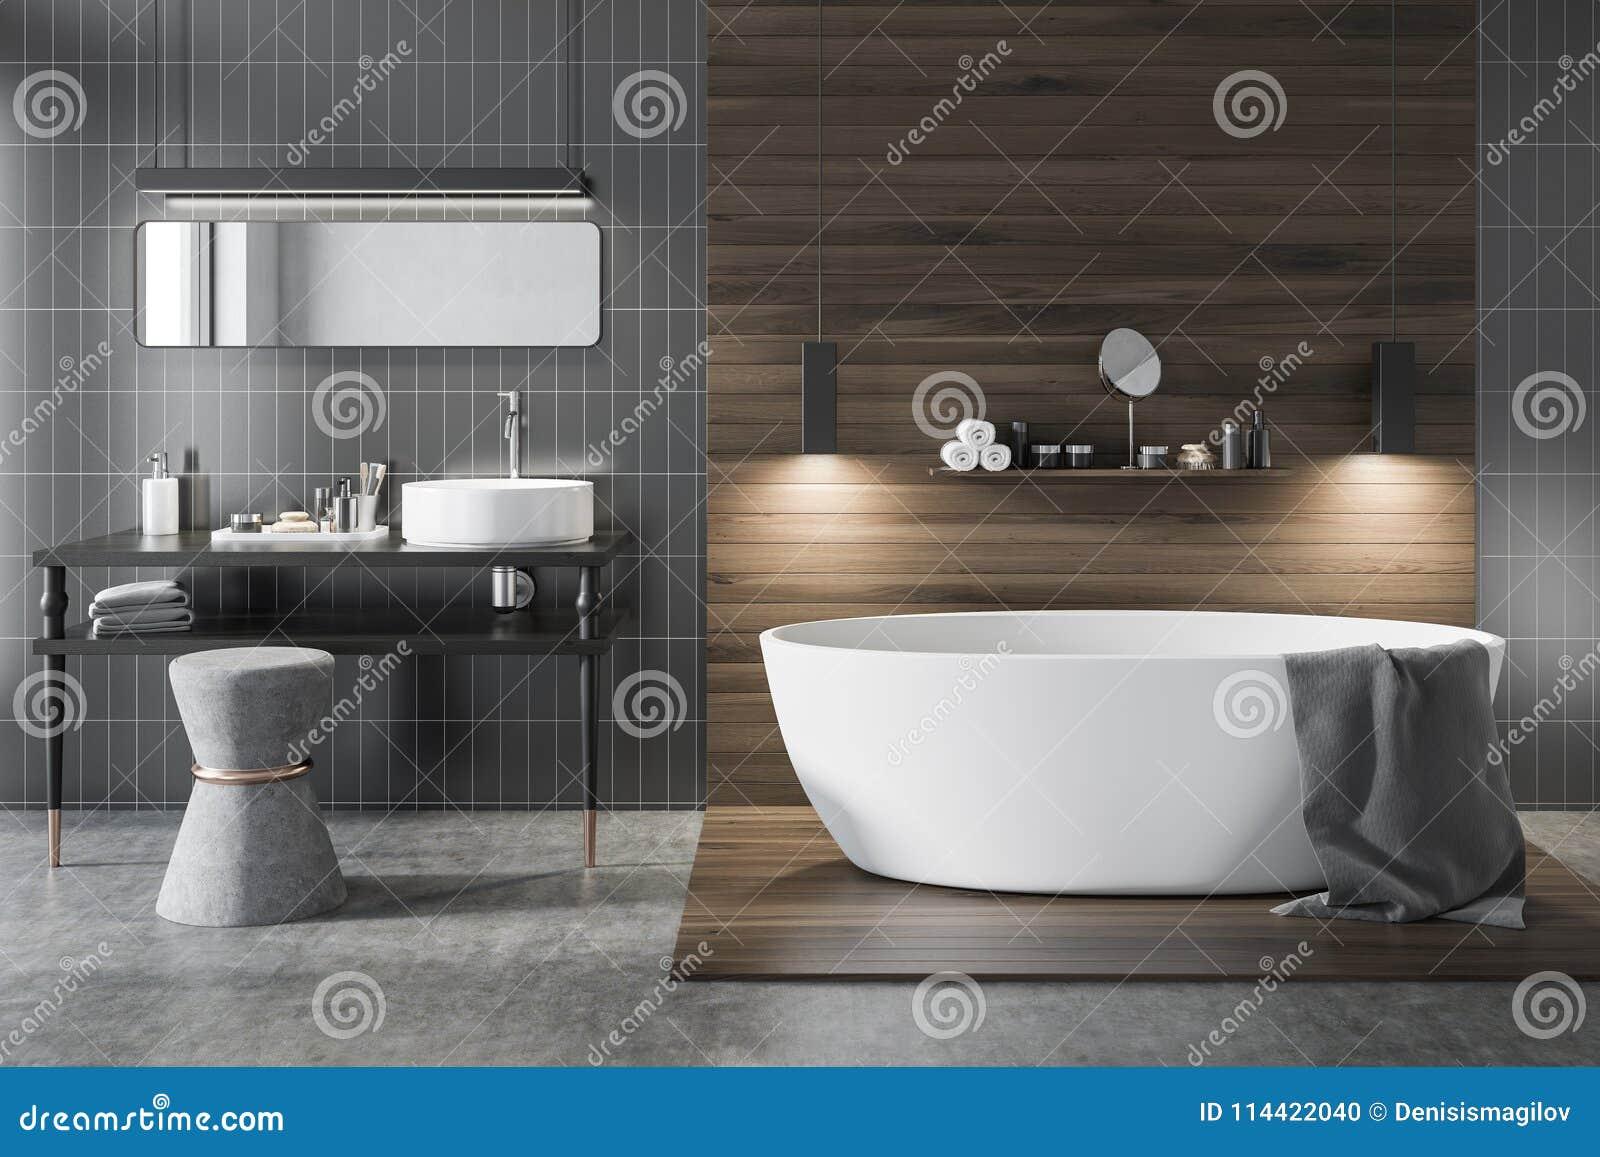 Szara I Drewniana Luksusowa łazienka Ilustracji Ilustracja